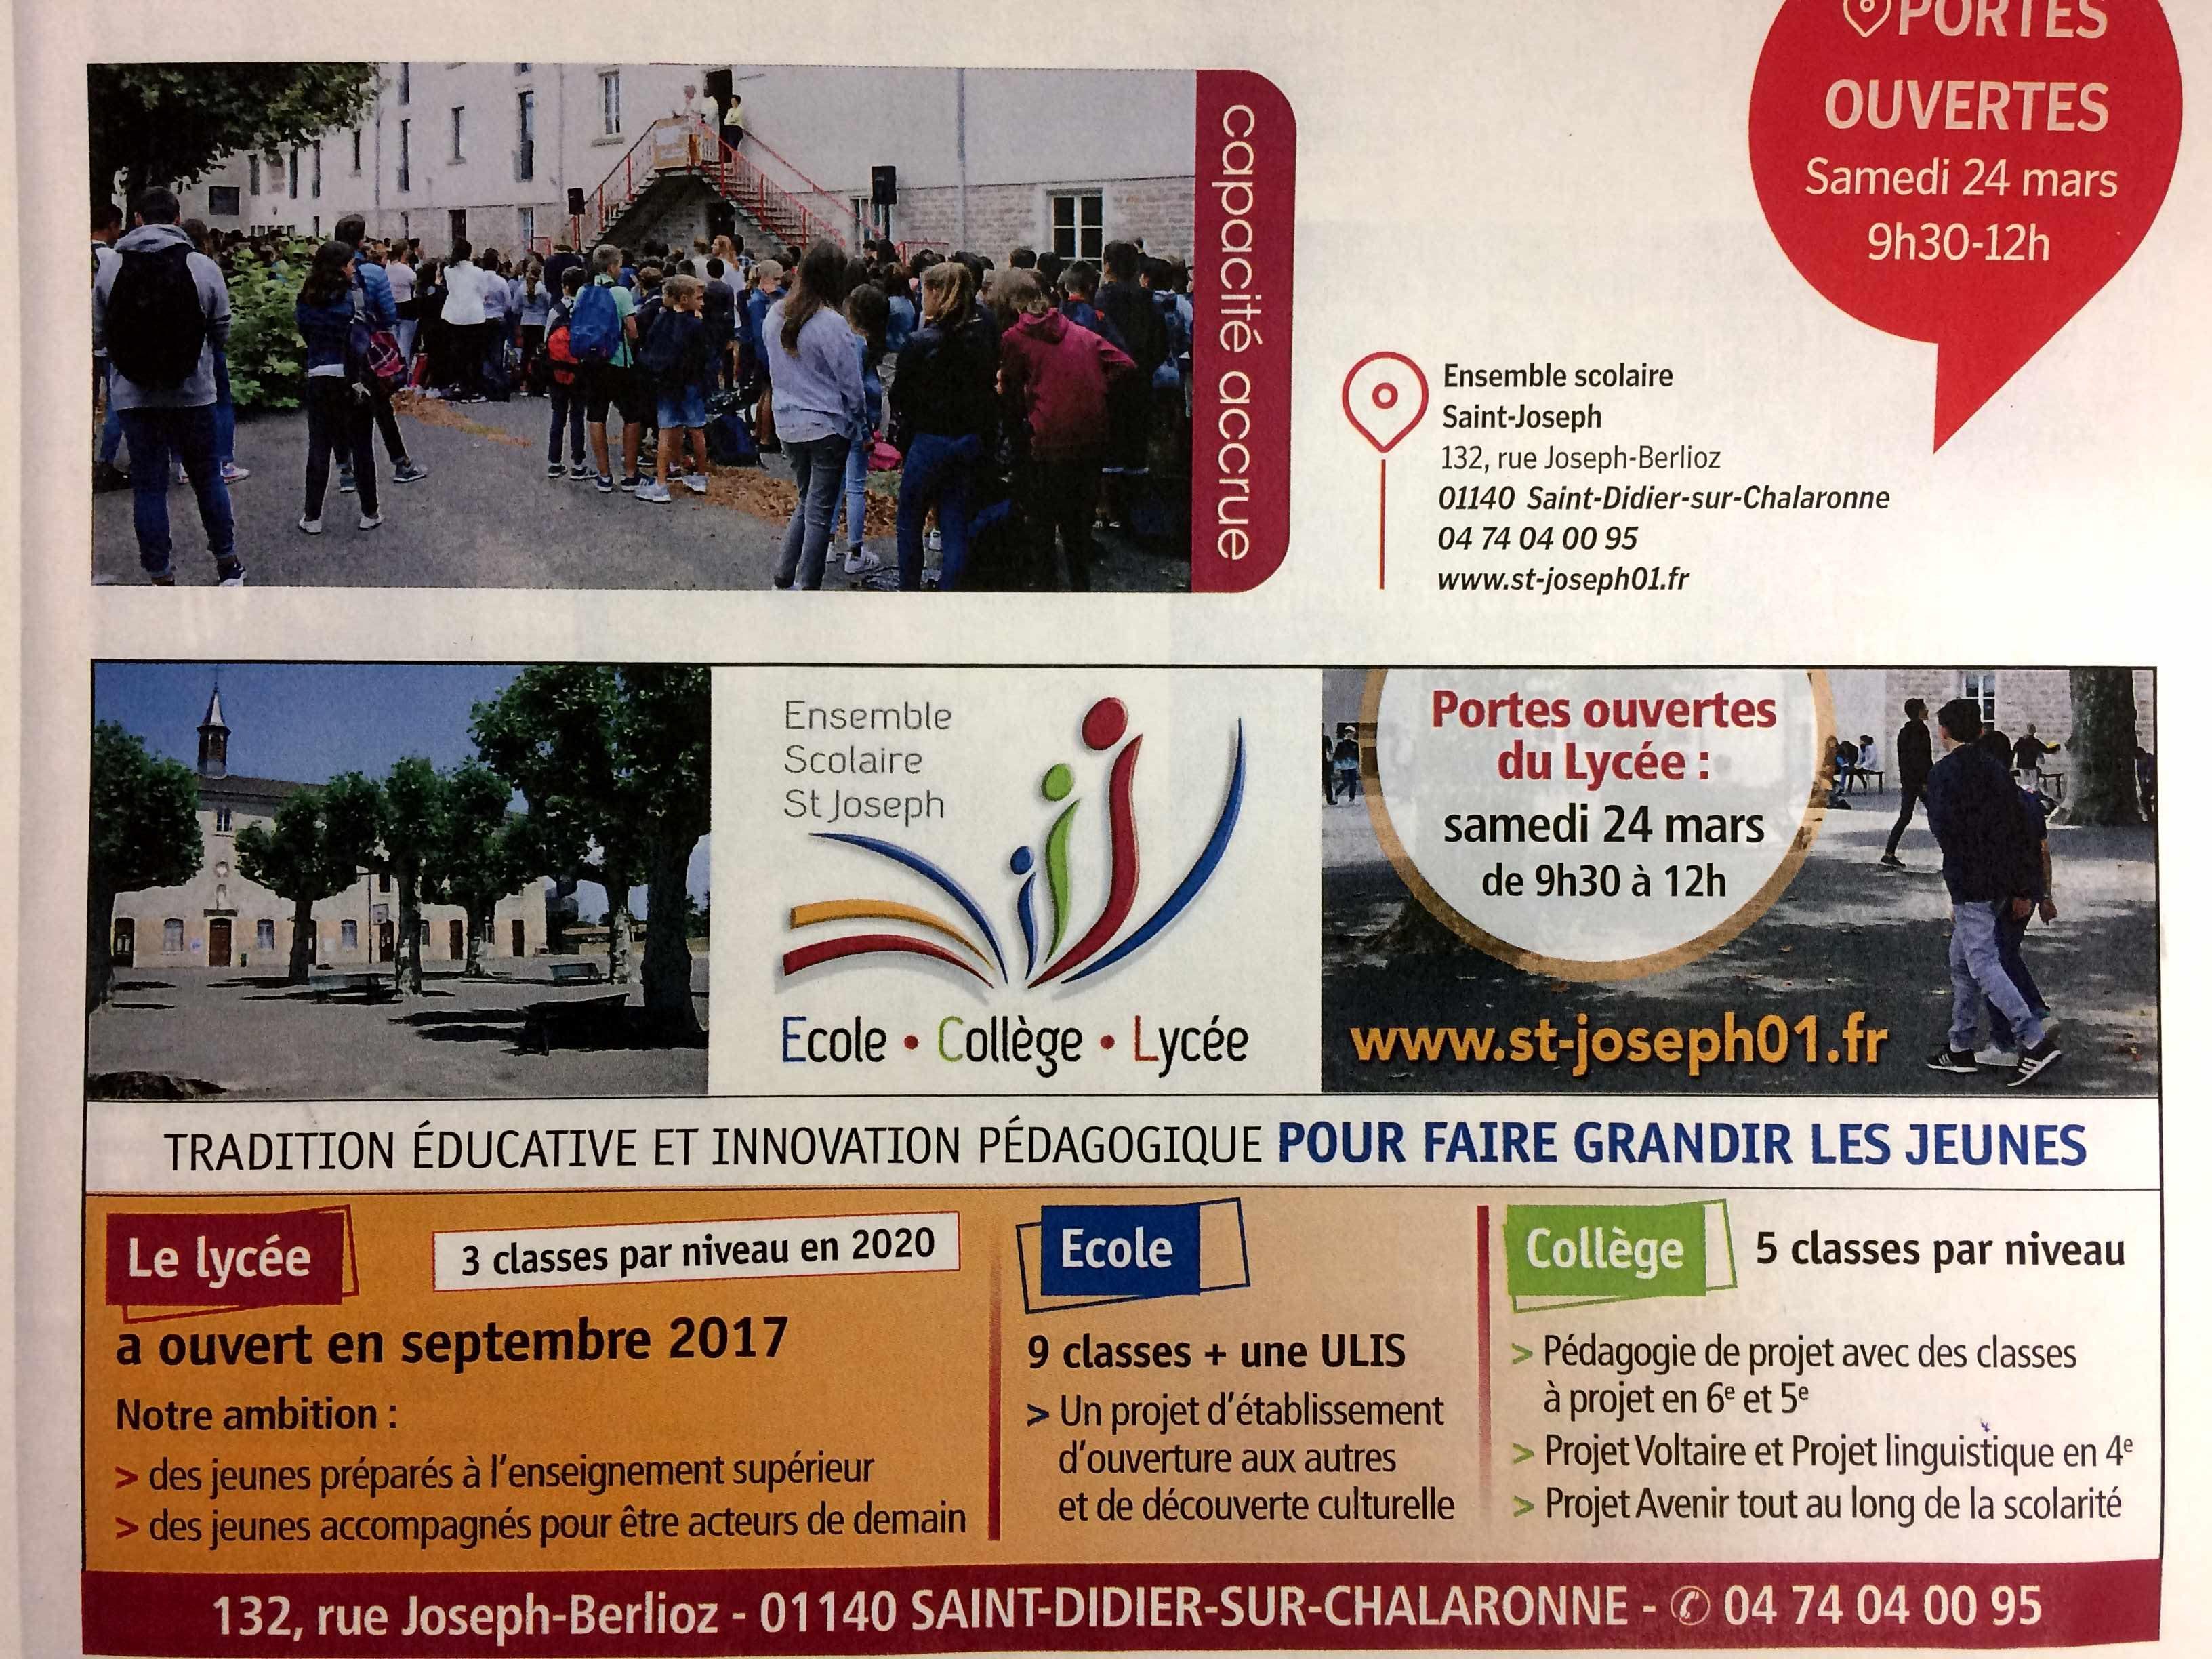 Portes Ouvertes Du Lycée